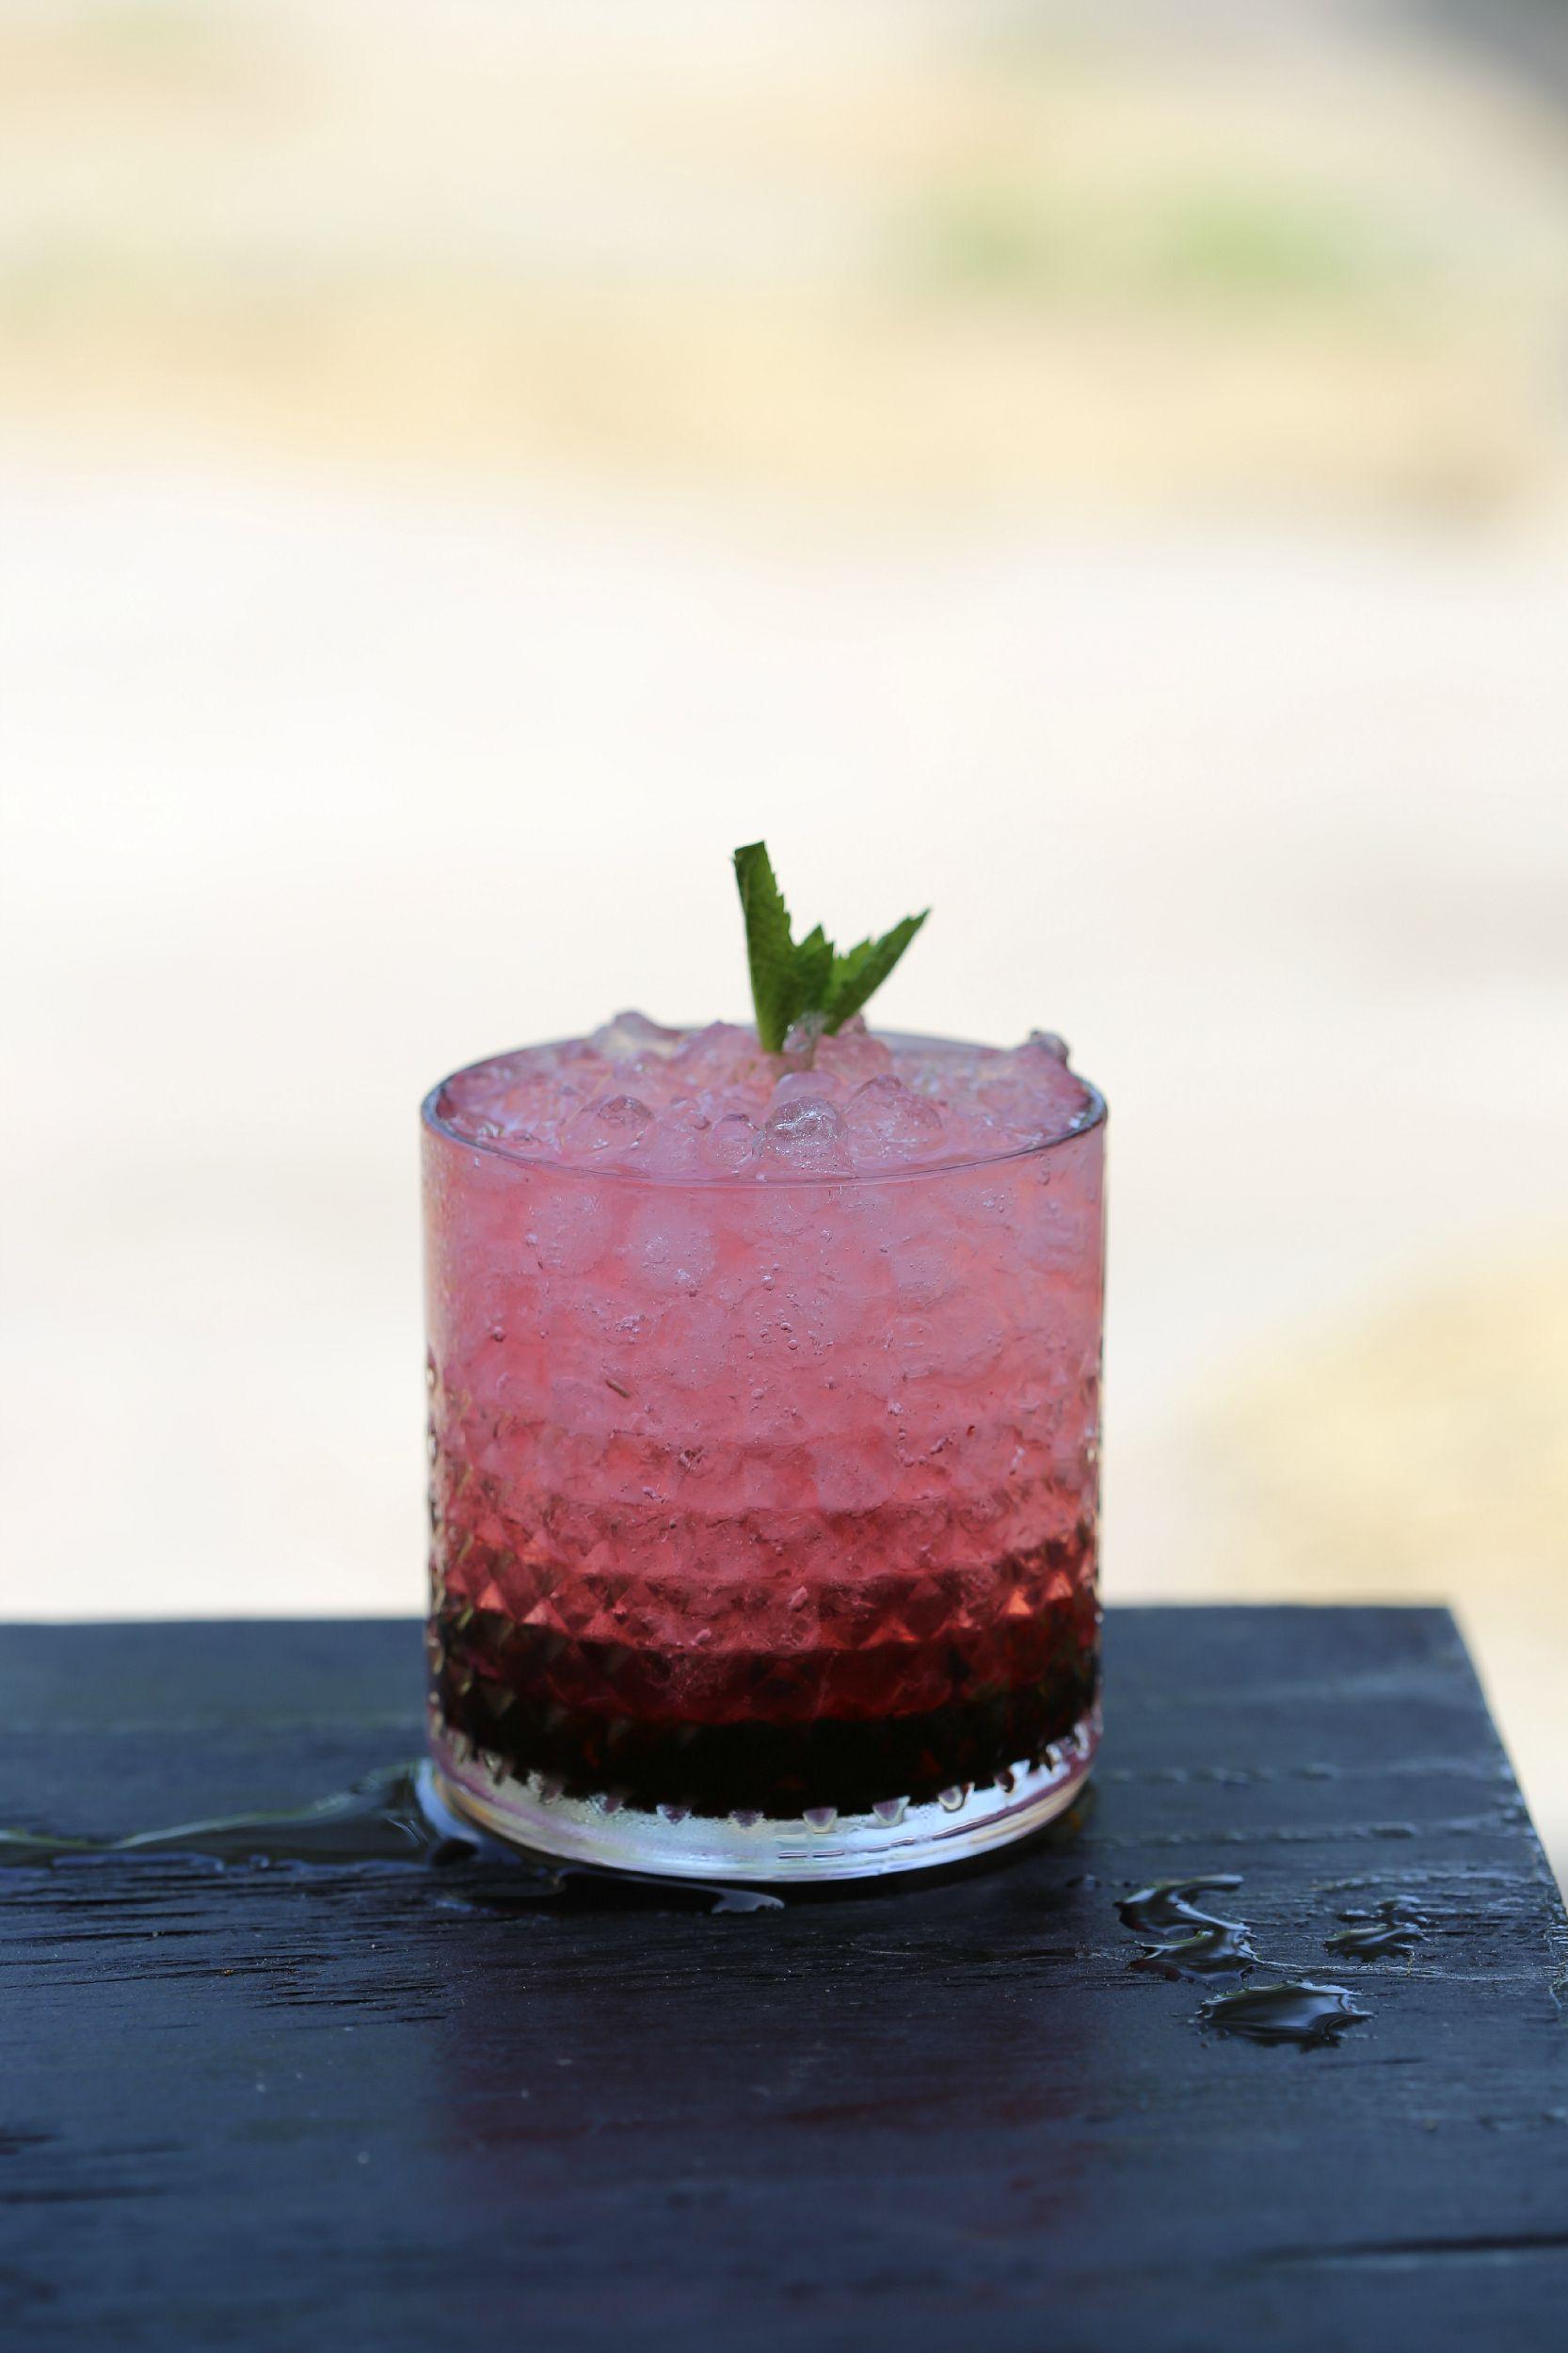 blackberry-mojito-cocktail-rum-vianneyrodriguez-sweetlifebake